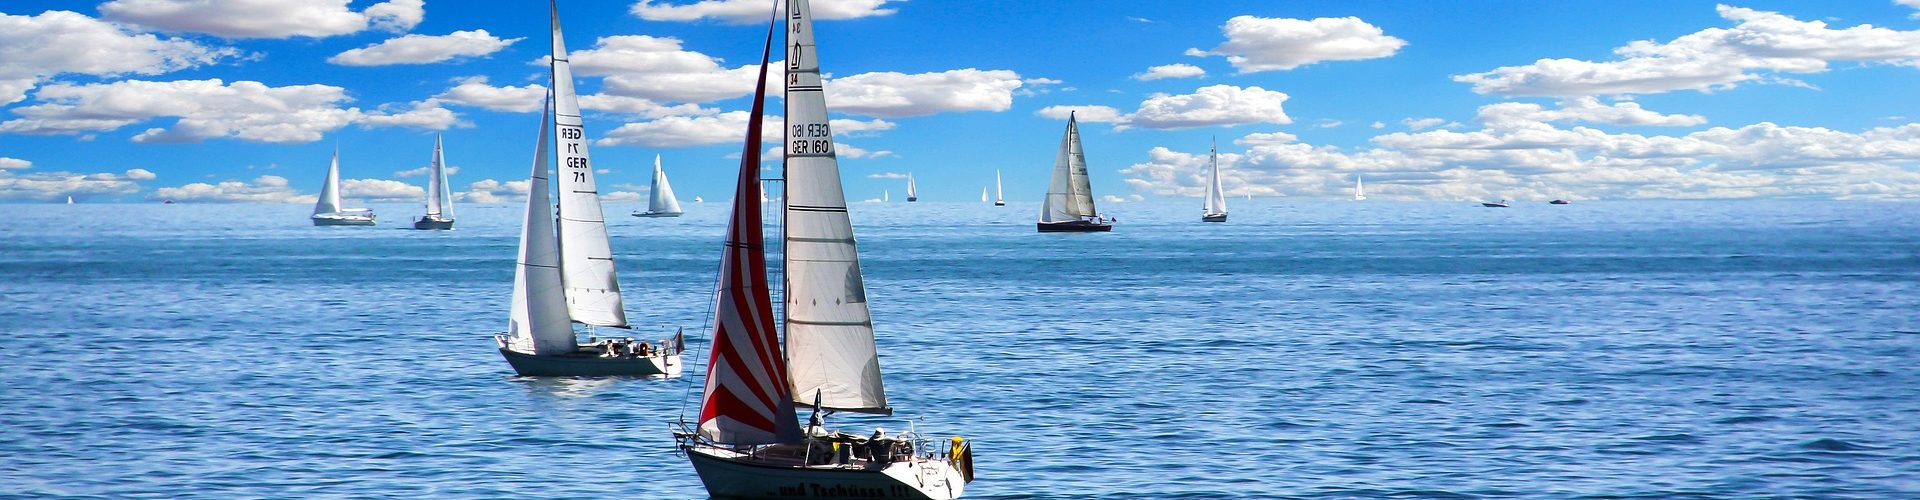 segeln lernen in Leverkusen segelschein machen in Leverkusen 1920x500 - Segeln lernen in Leverkusen